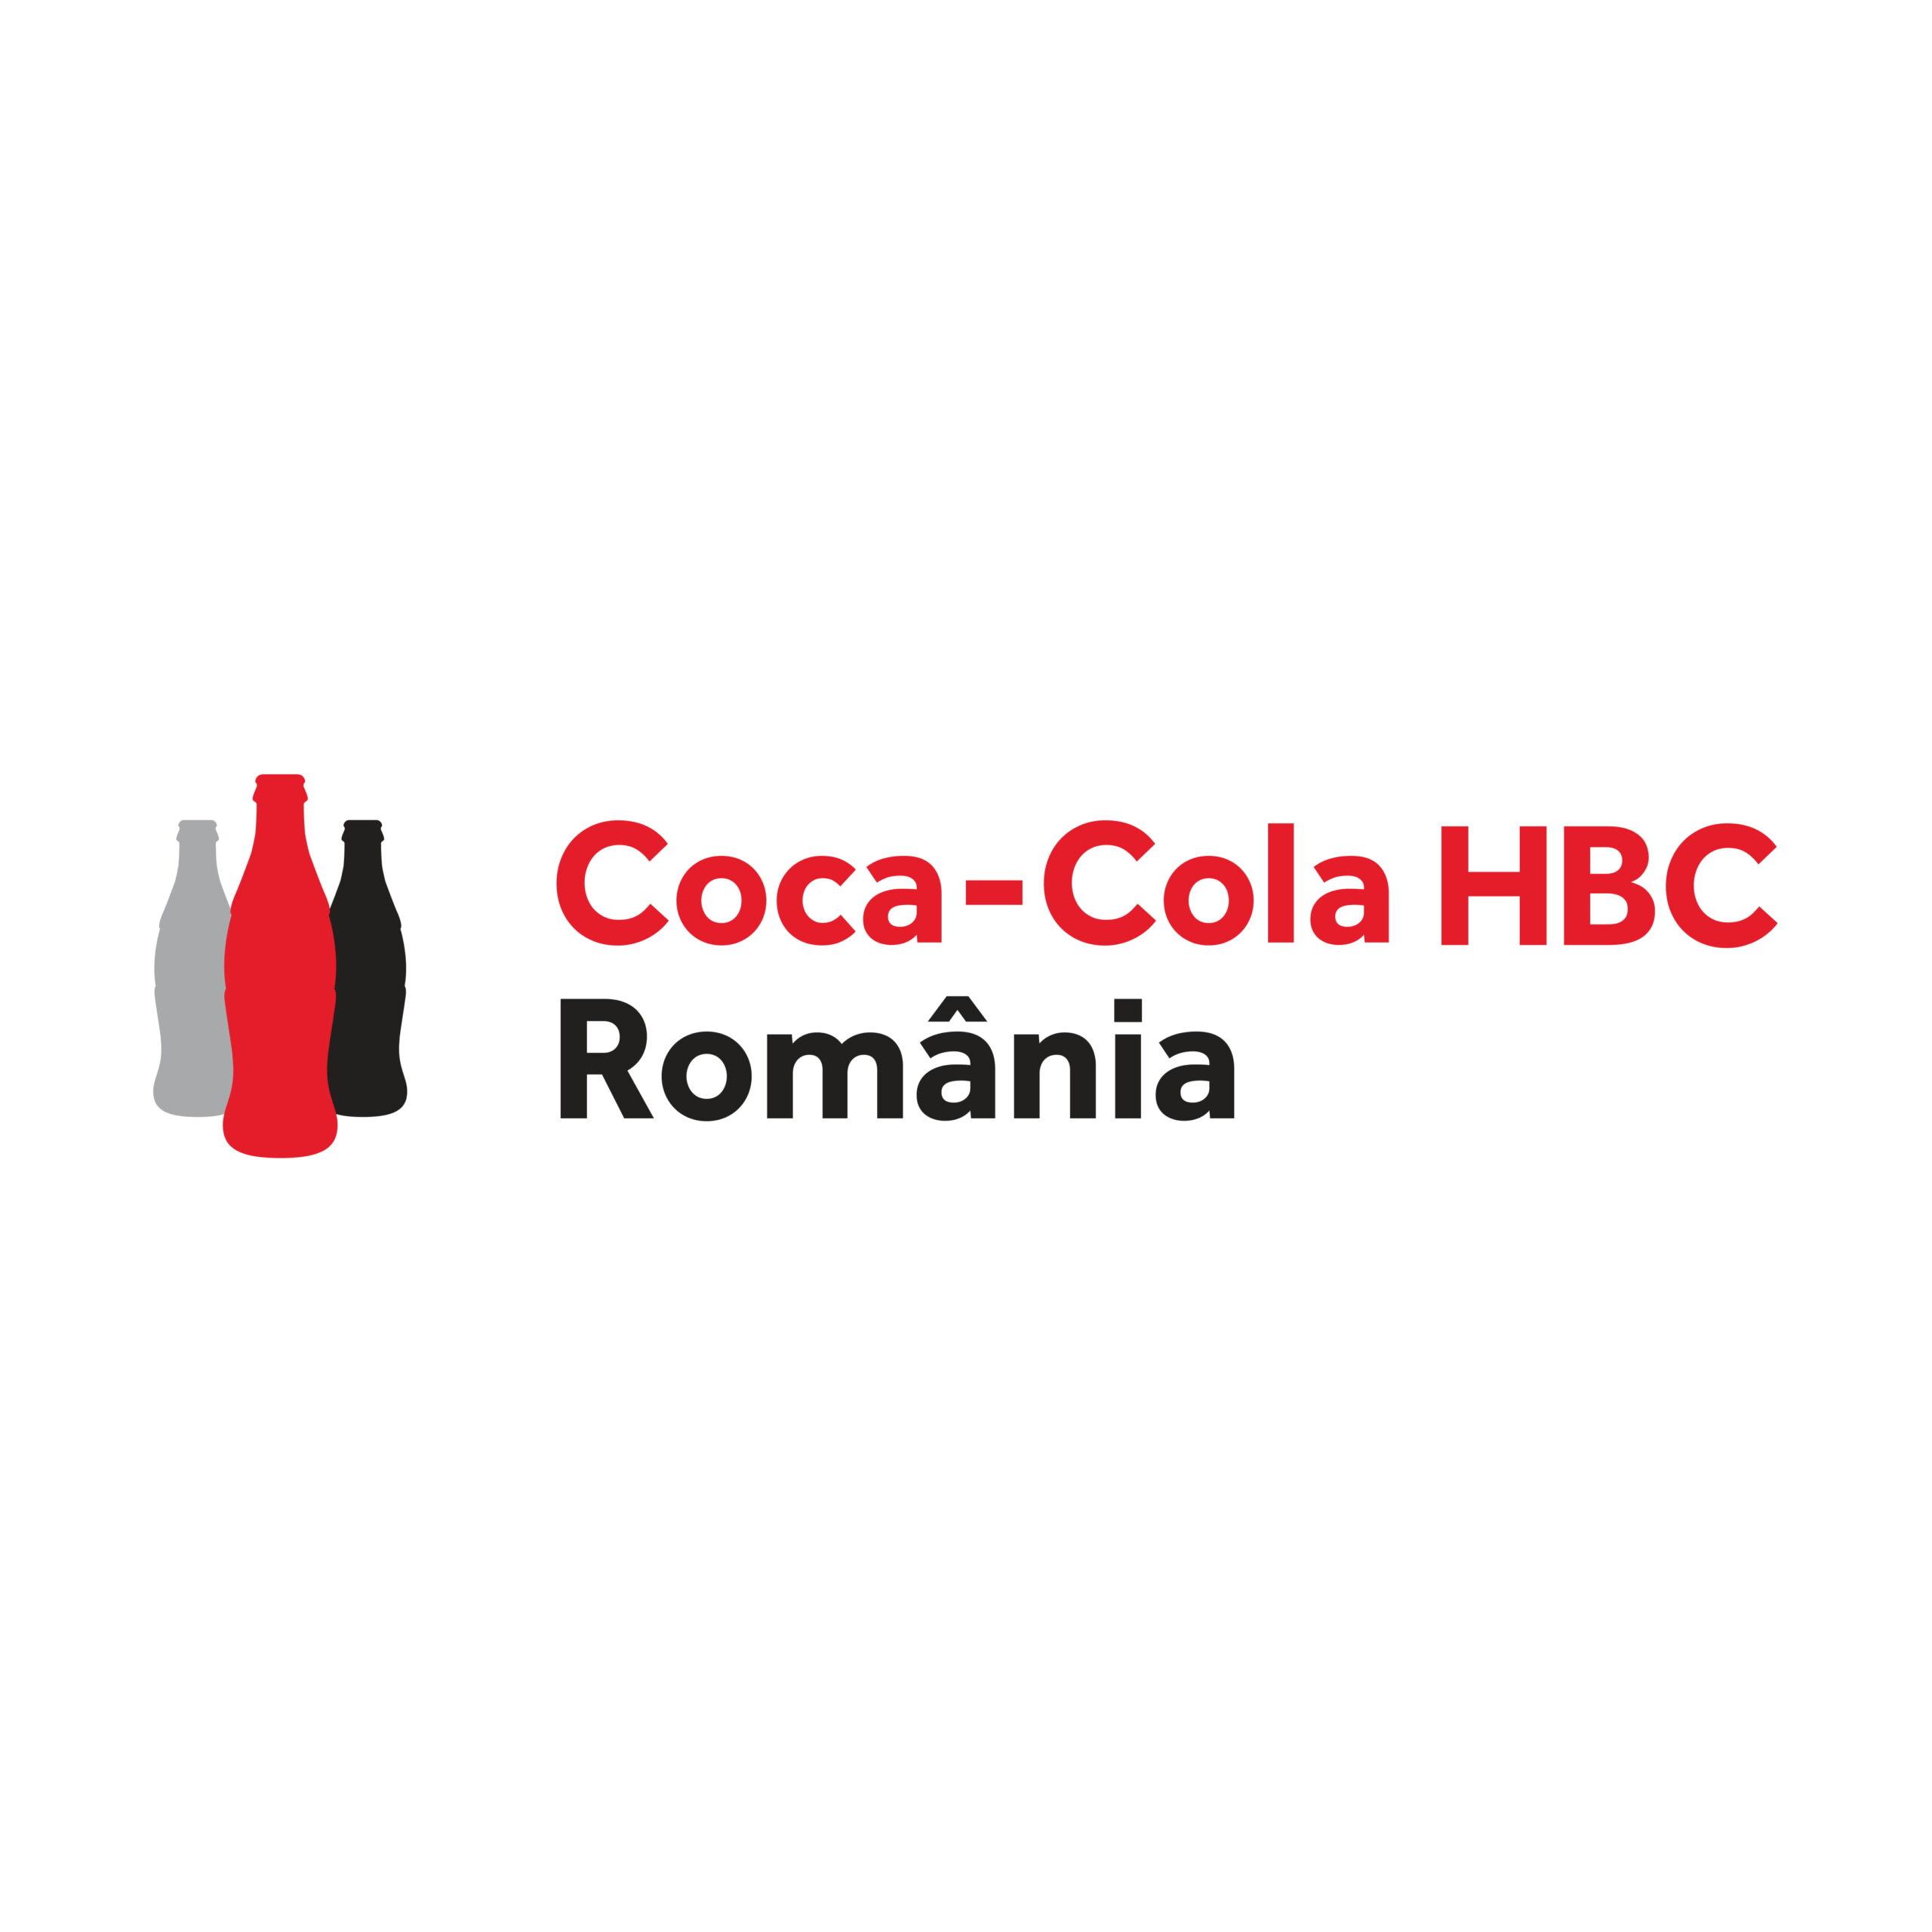 Coca-Cola-HBC-Romania-1-scaled